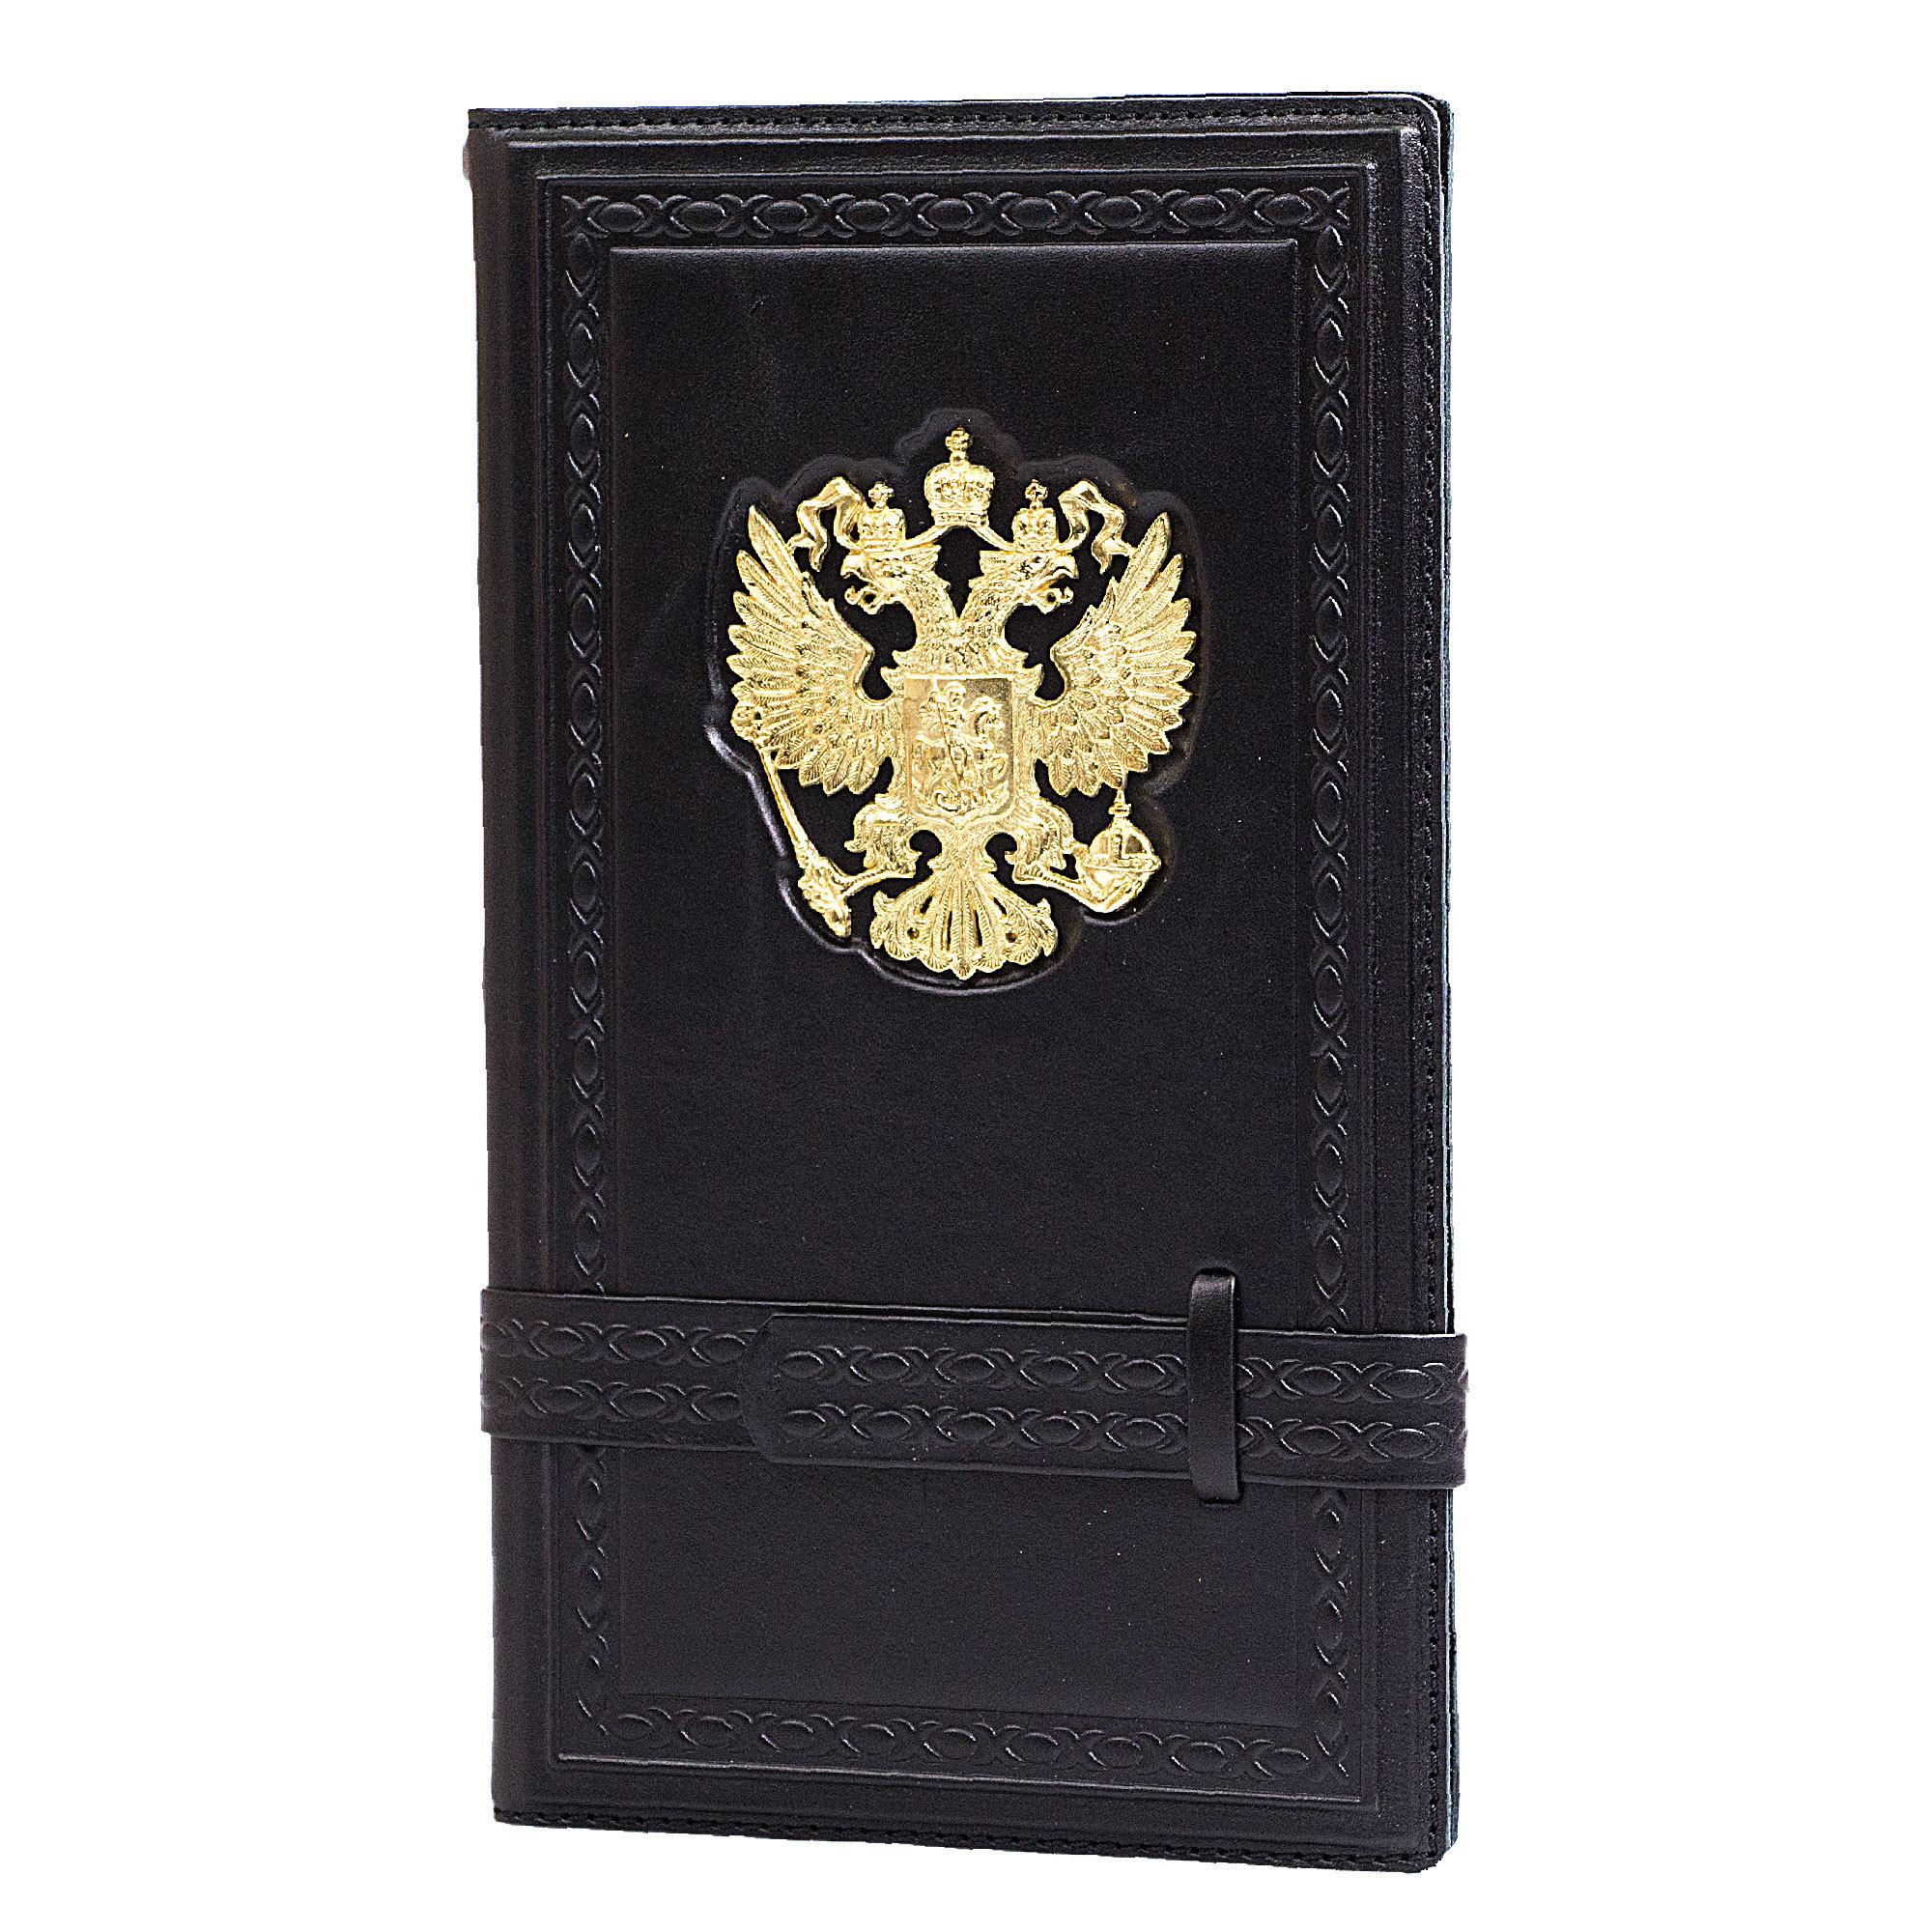 Визитница настольная кожаная «Россия златоглавая» черная А60501